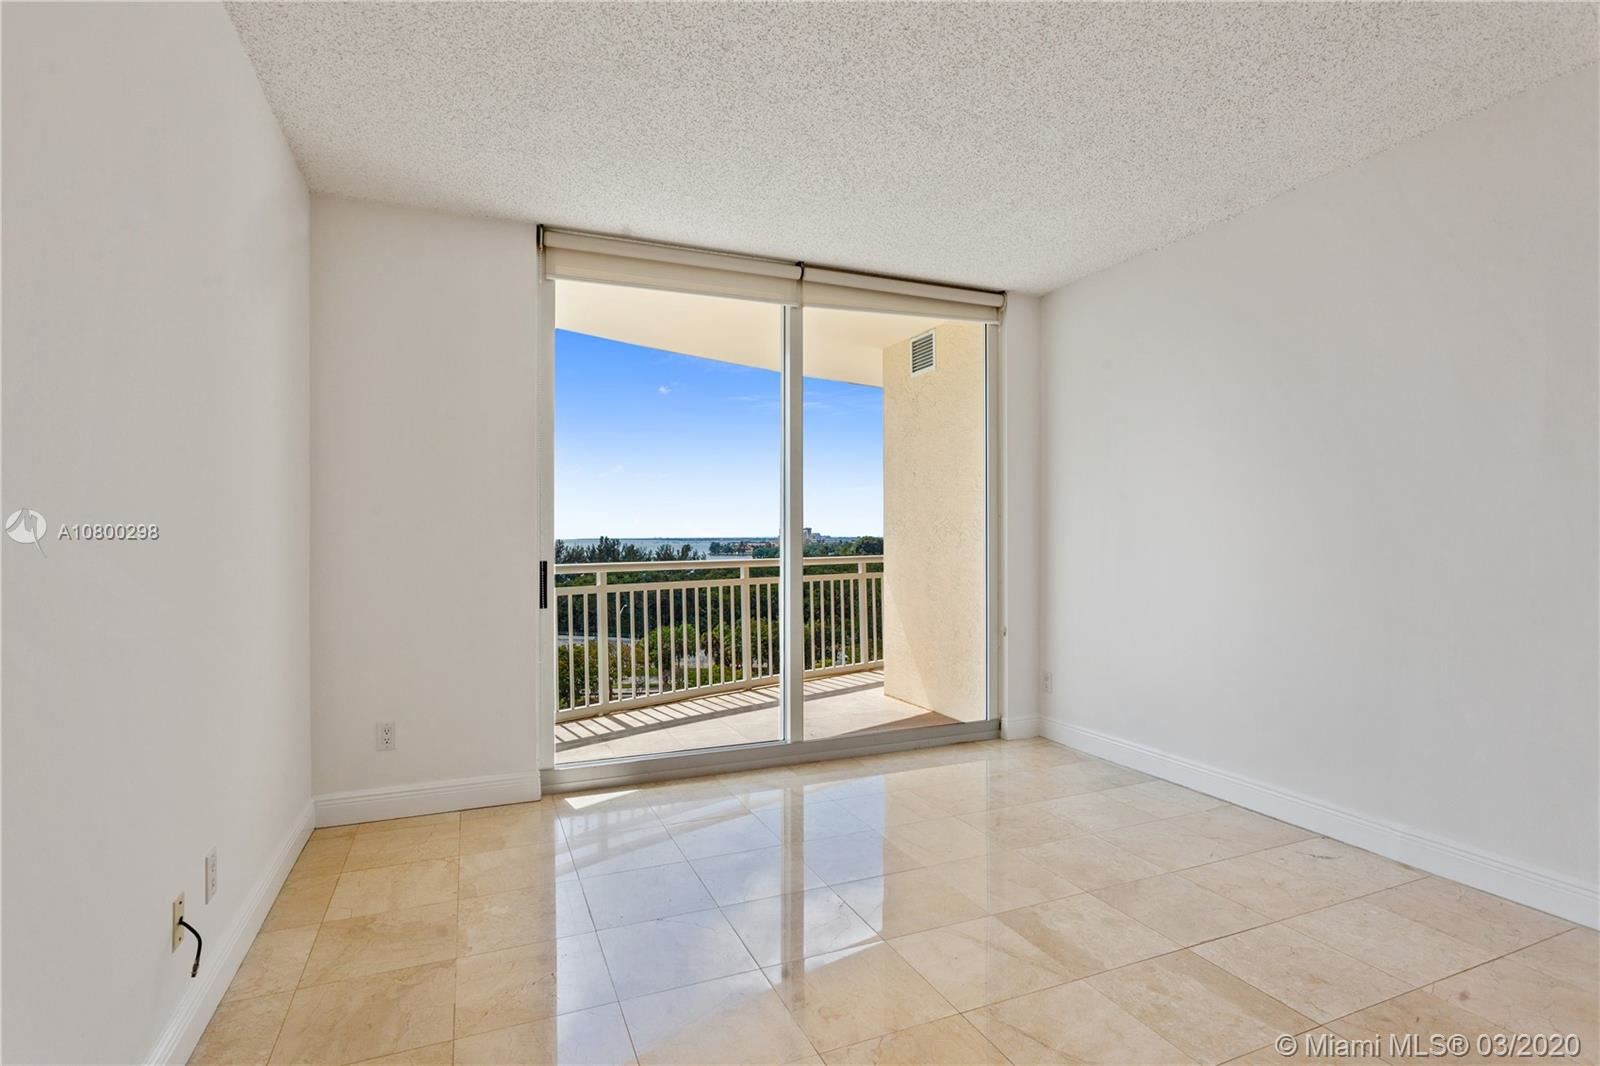 2475 Brickell Ave #908, Miami, FL 33129 - #: A10800298